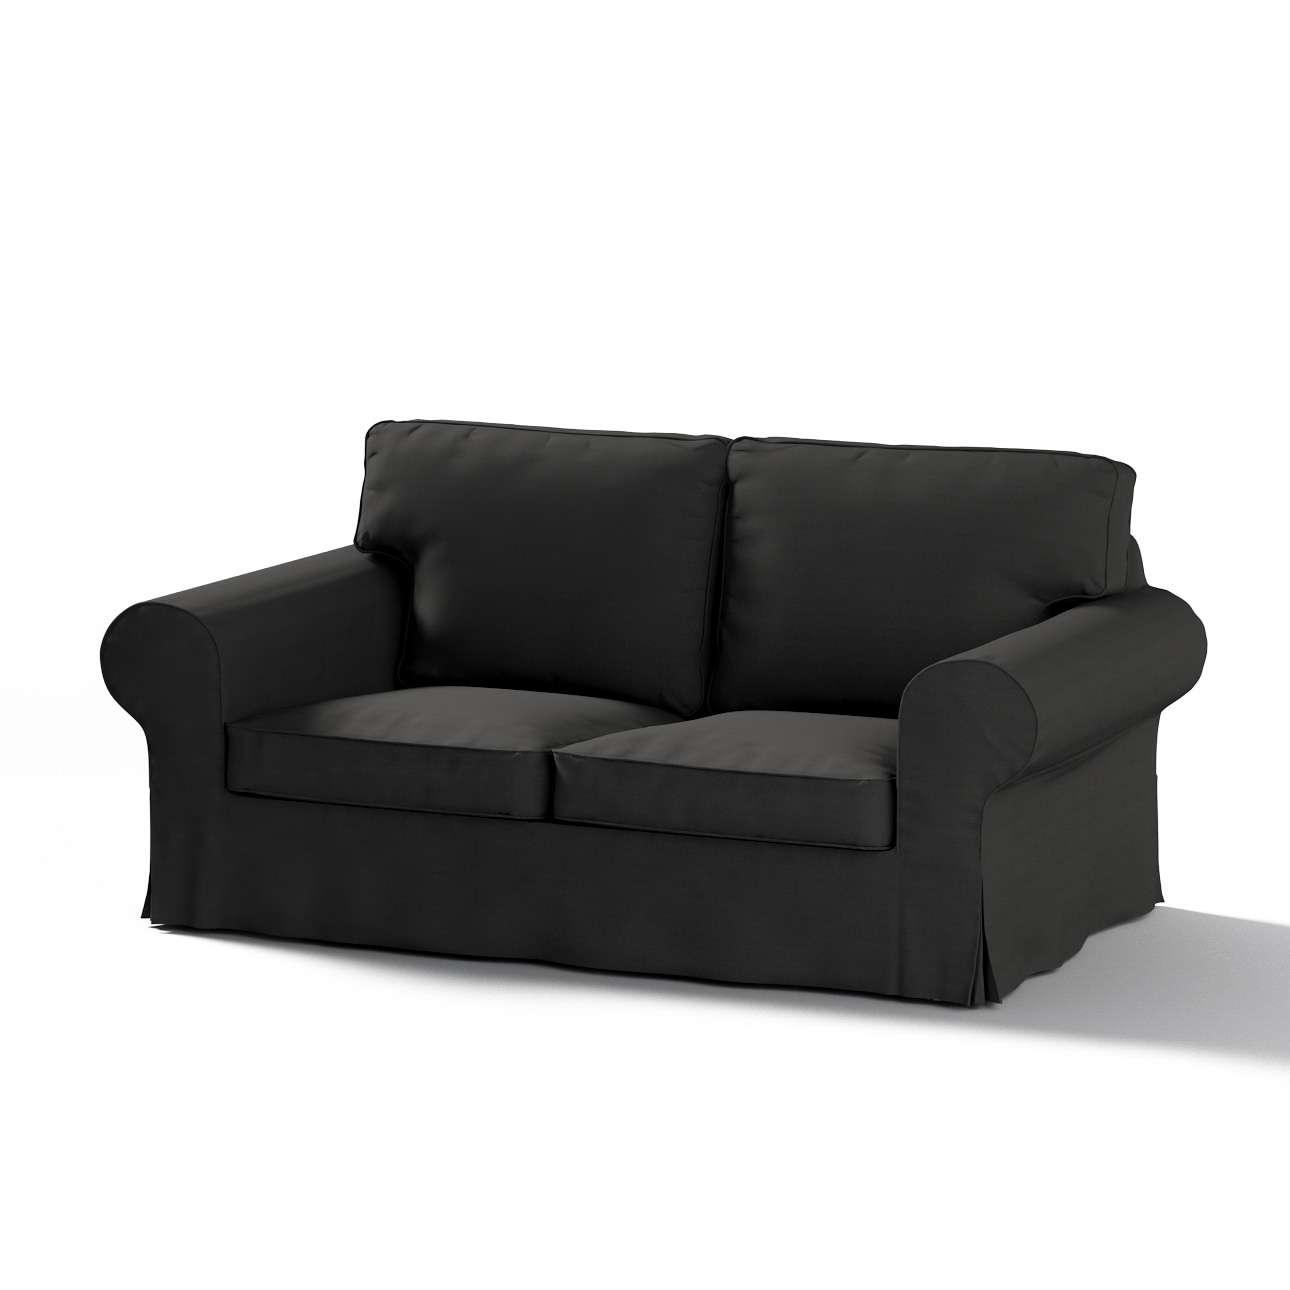 Pokrowiec na sofę Ektorp 2-osobową, rozkładaną STARY MODEL Sofa Ektorp 2-osobowa rozkładana w kolekcji Cotton Panama, tkanina: 702-08